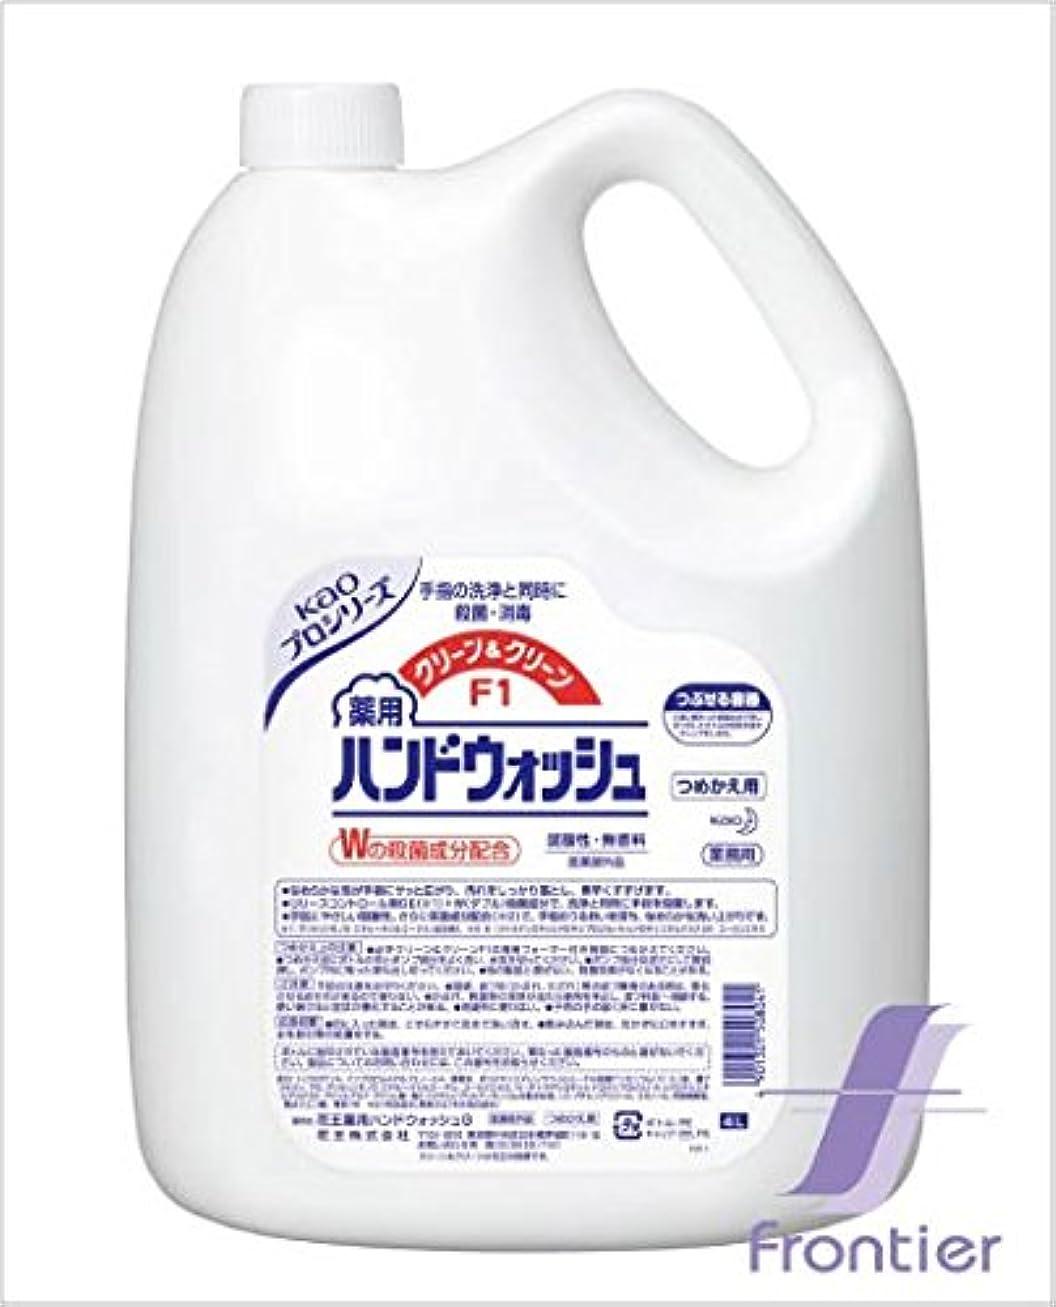 征服者盗賊人工花王 クリーン&クリーンF1 薬用ハンドウォッシュ 4リットル 3缶セット